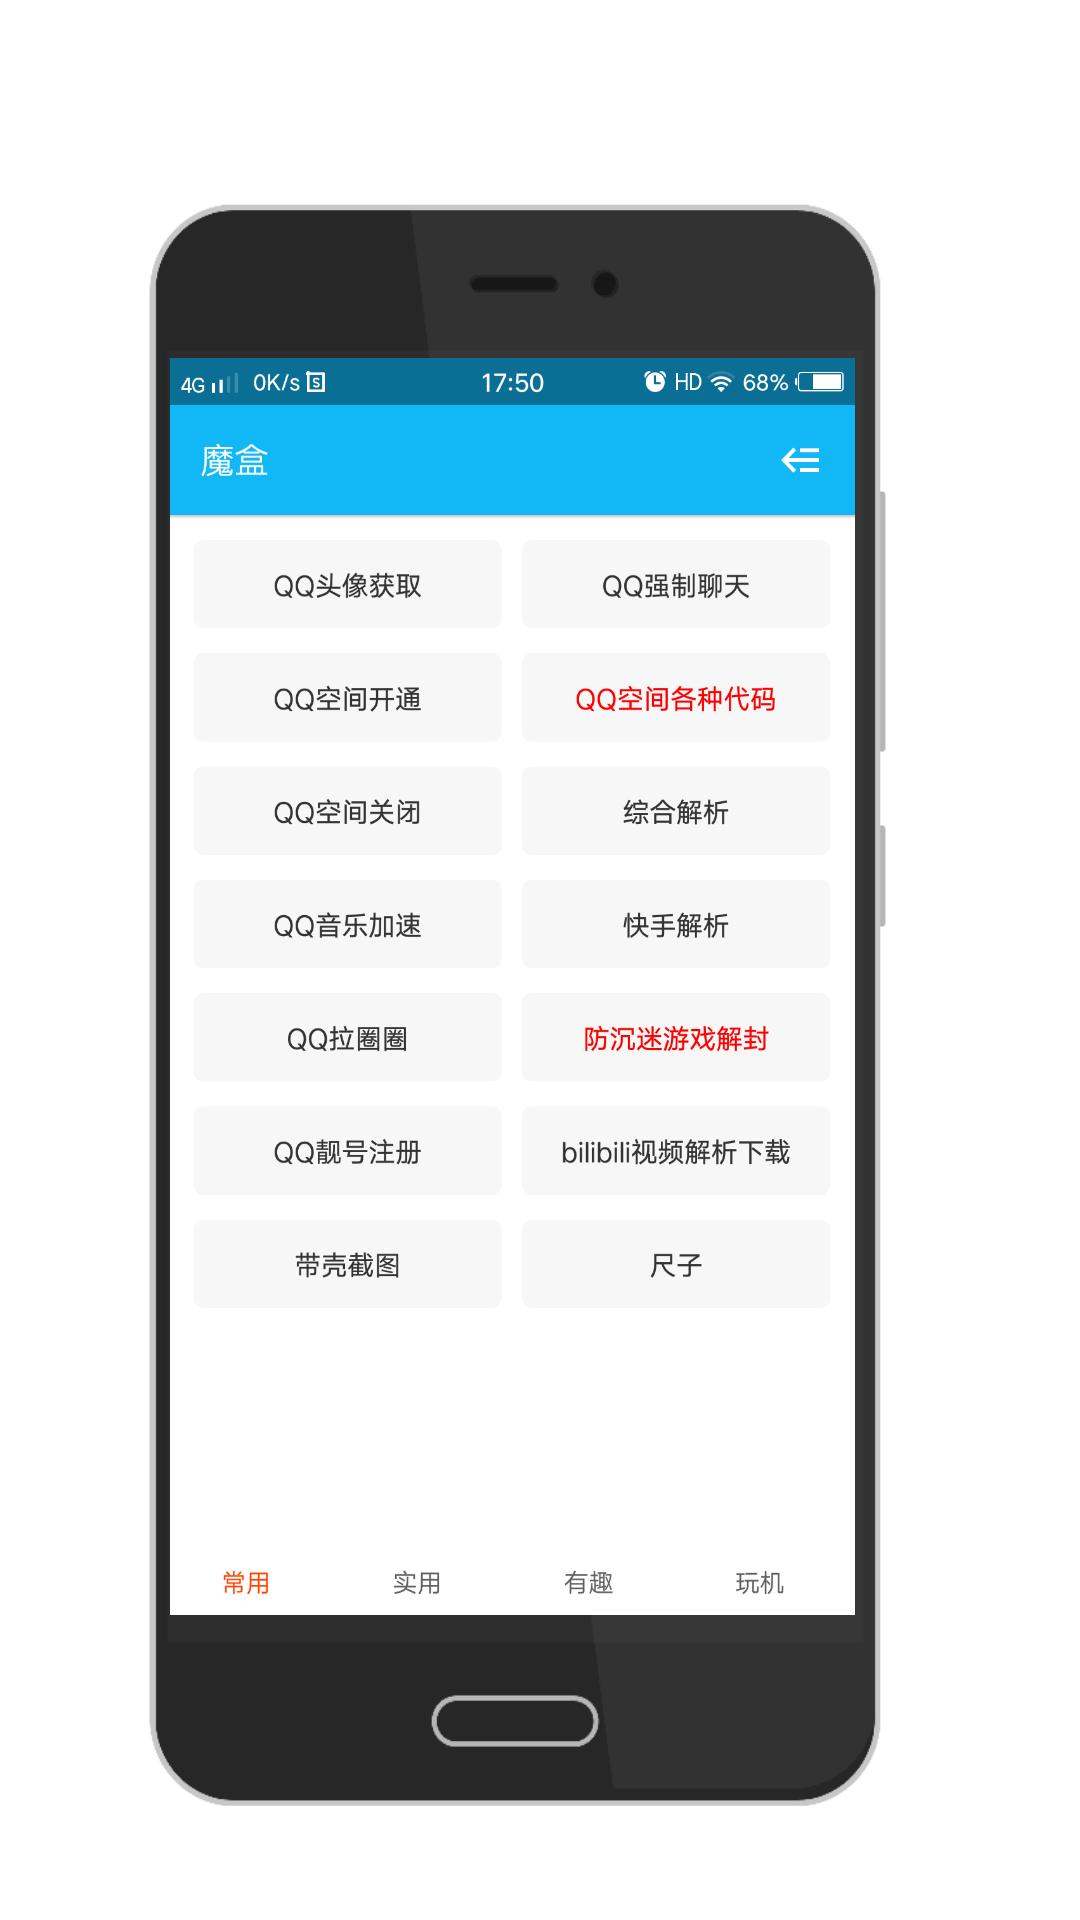 【原创分享】轻工具箱 v2.1.9版本-爱小助